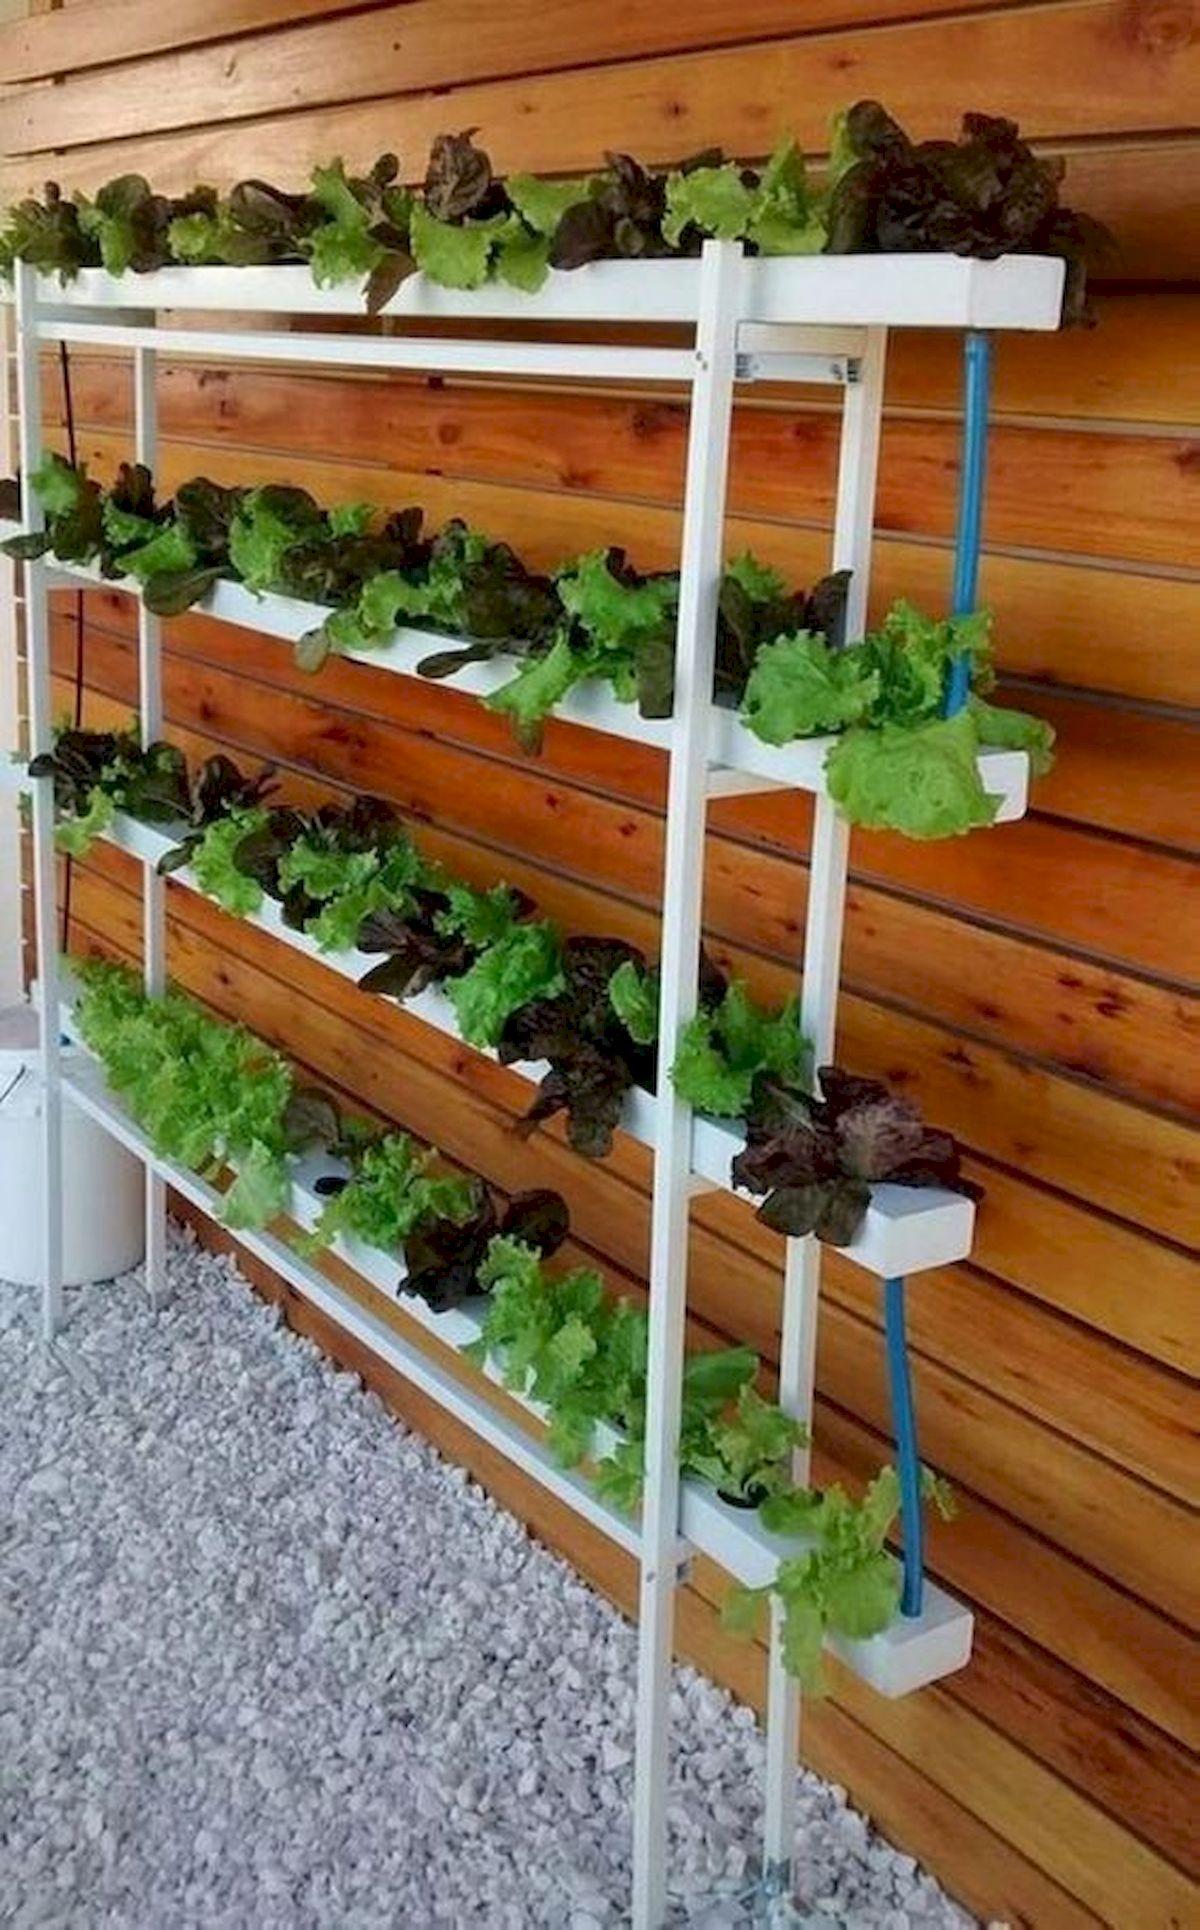 44 Creative DIY Vertical Garden Ideas To Make Your Home Beautiful (14)